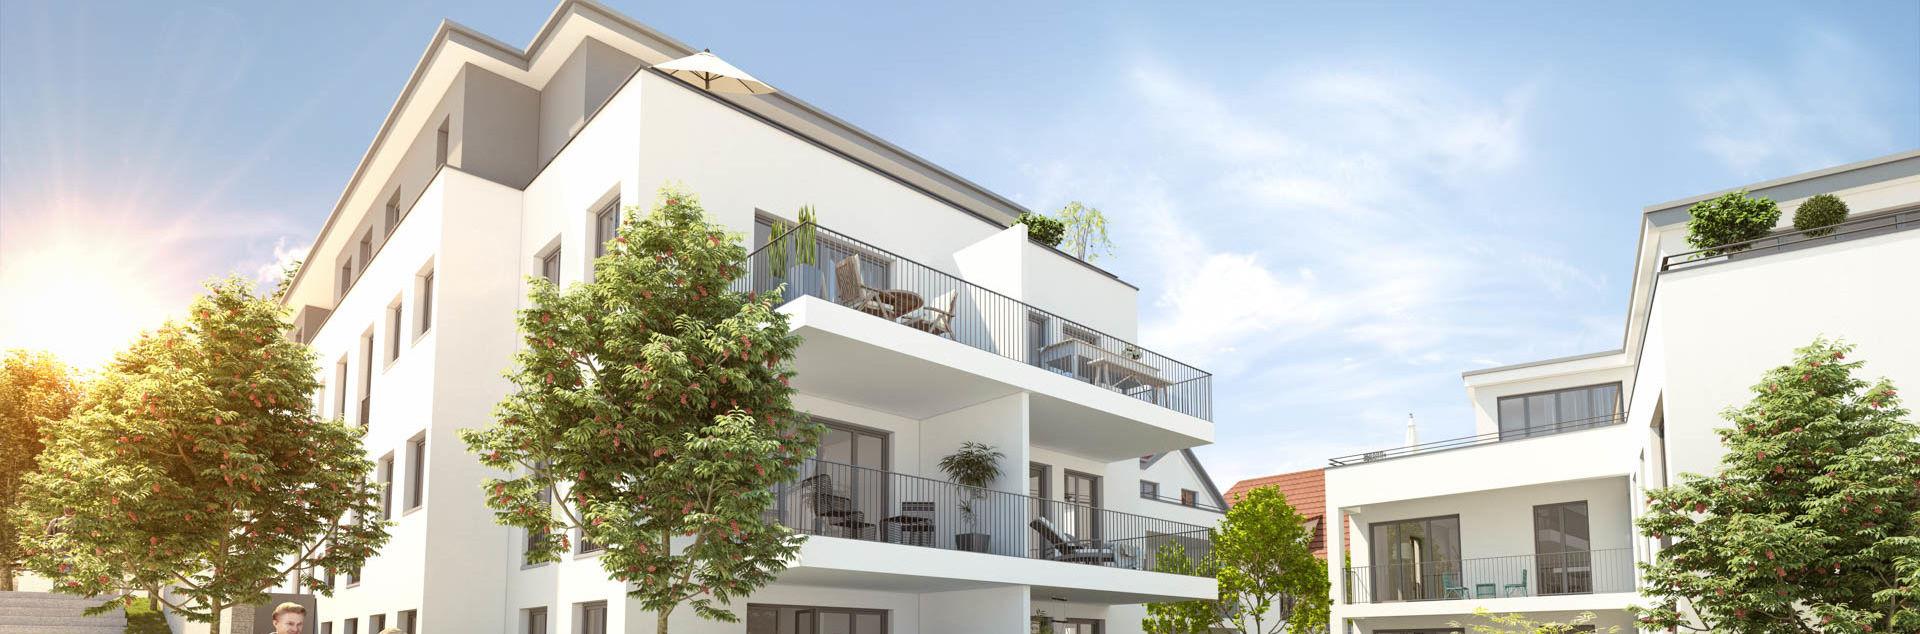 ES Wohnungsbaugesellschaft - Am Eschenbrunnen Außenansicht